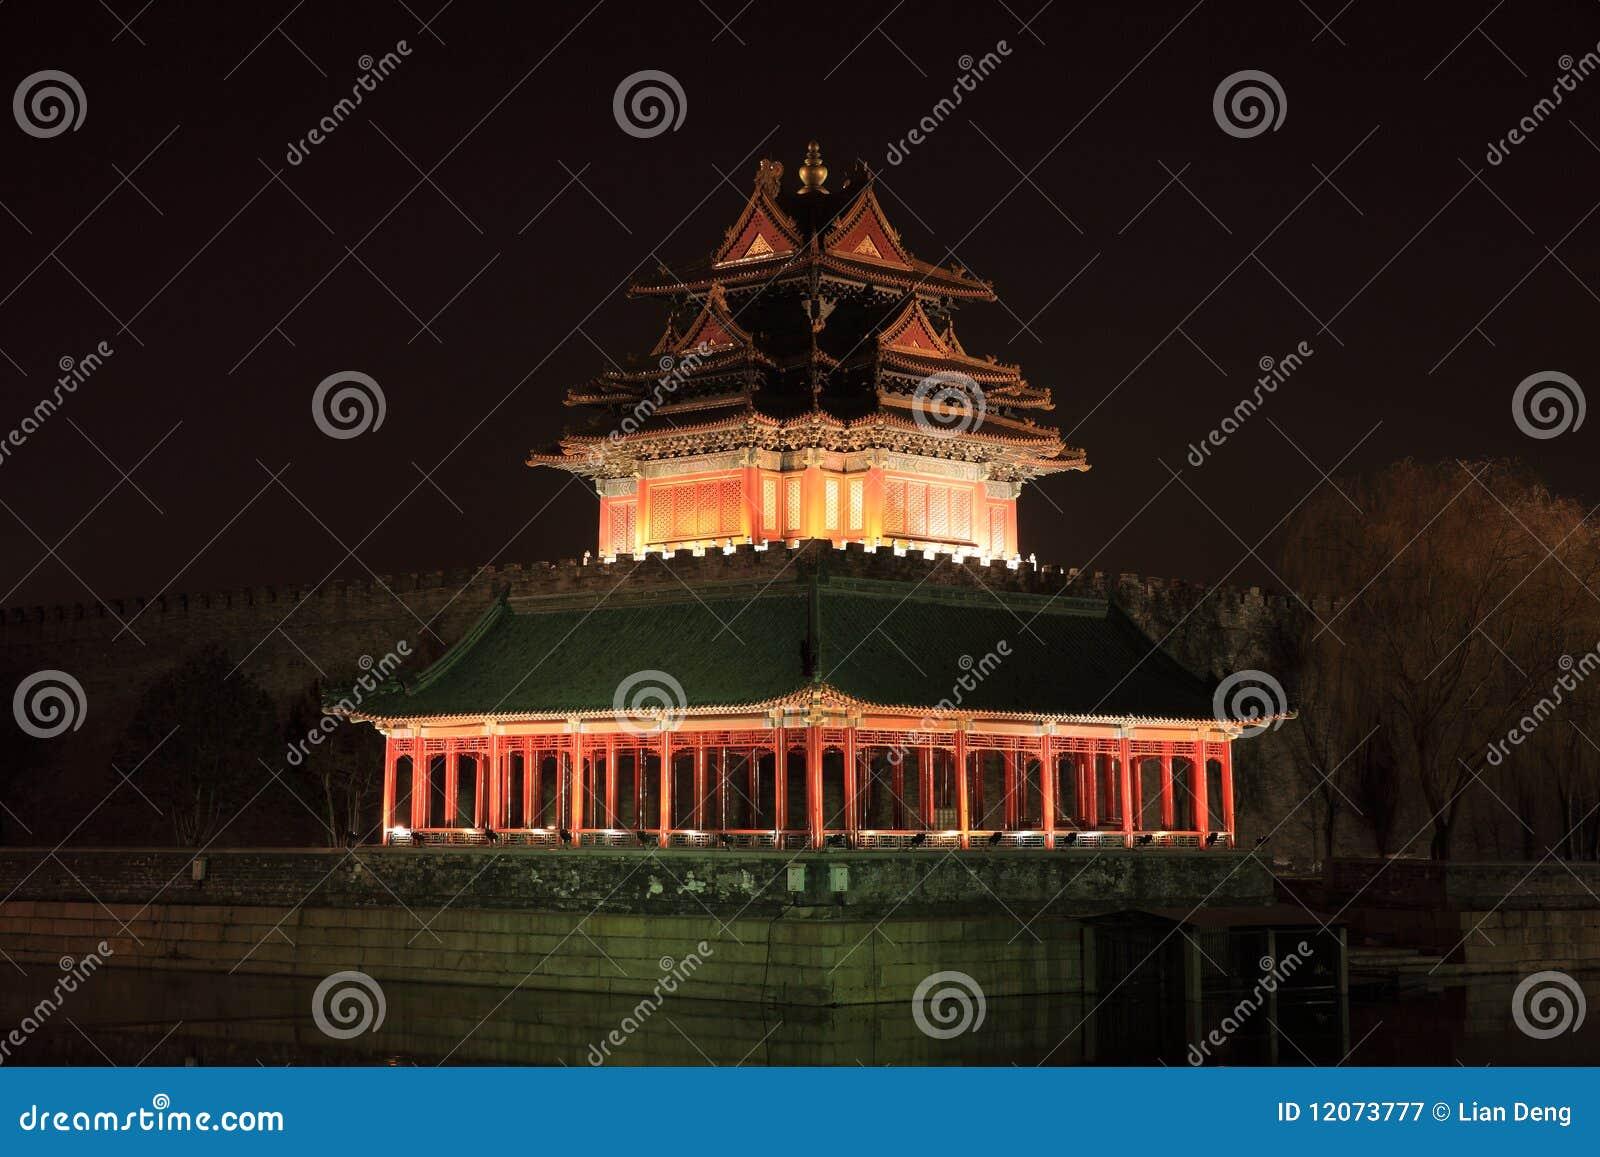 Angele Nightlife Forbidden City Sha excelsiororg